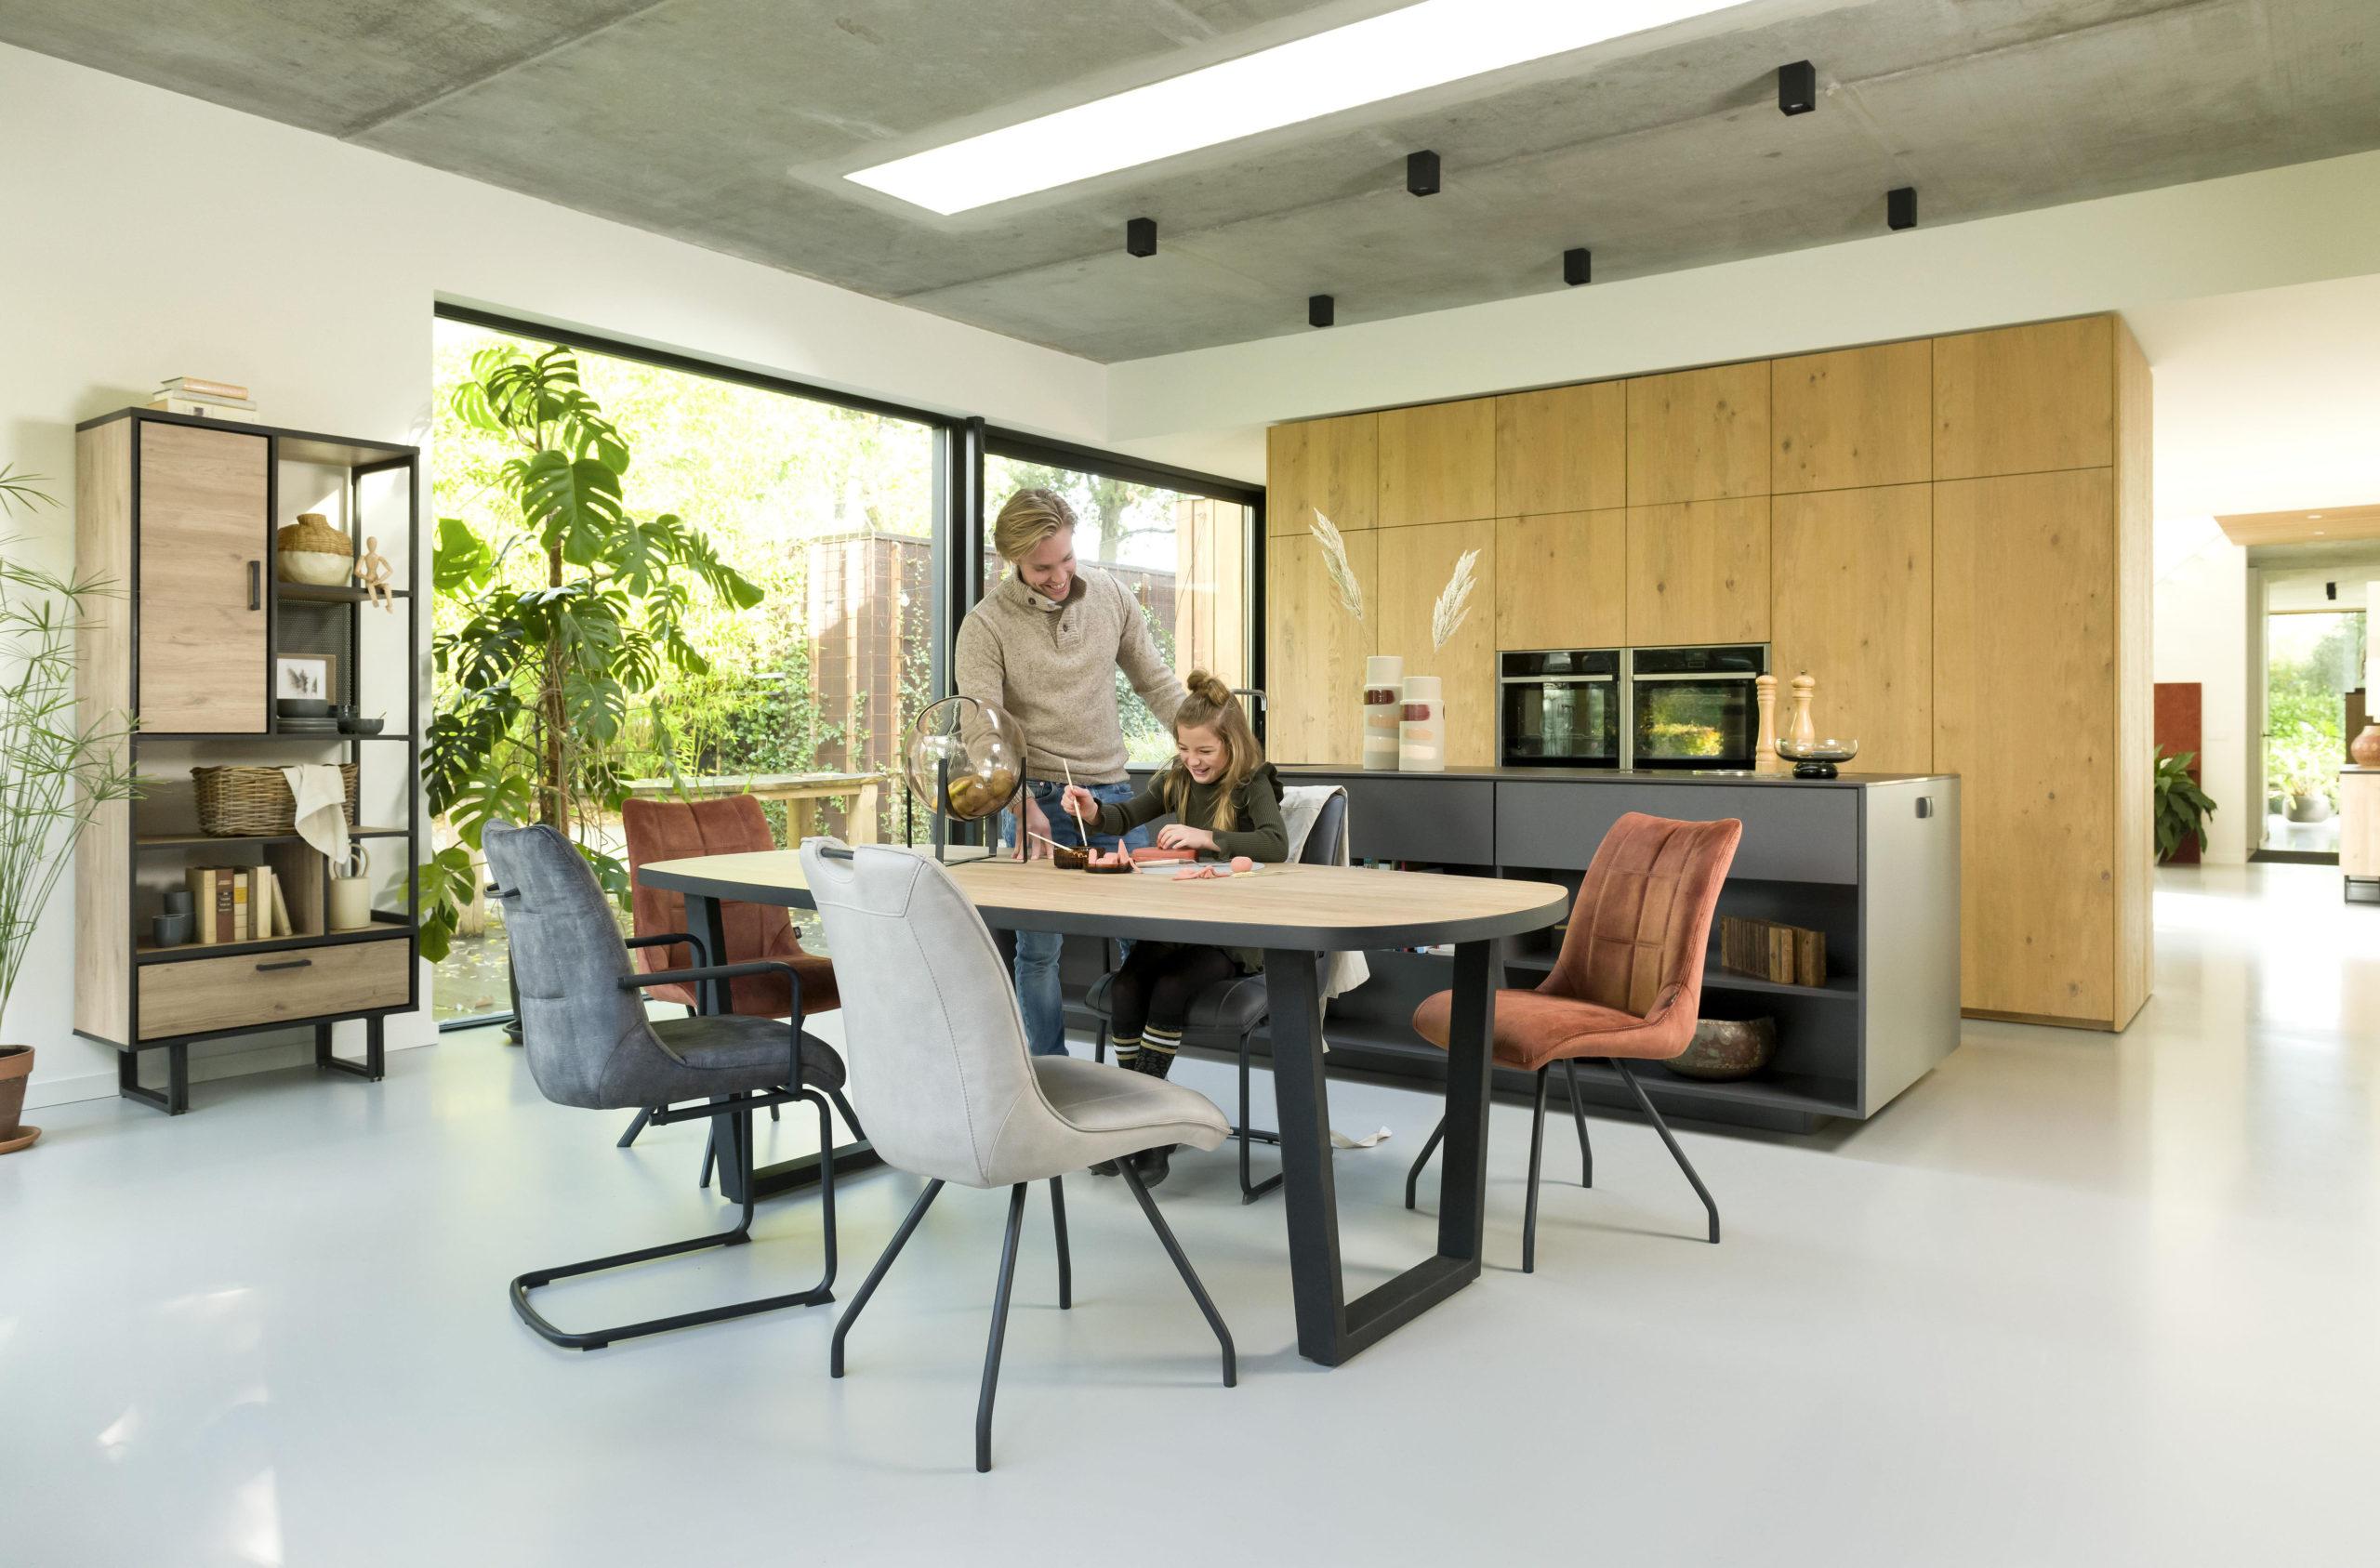 Schöner Mittelpunkt: In fünf Schritten zum idealen Esstisch